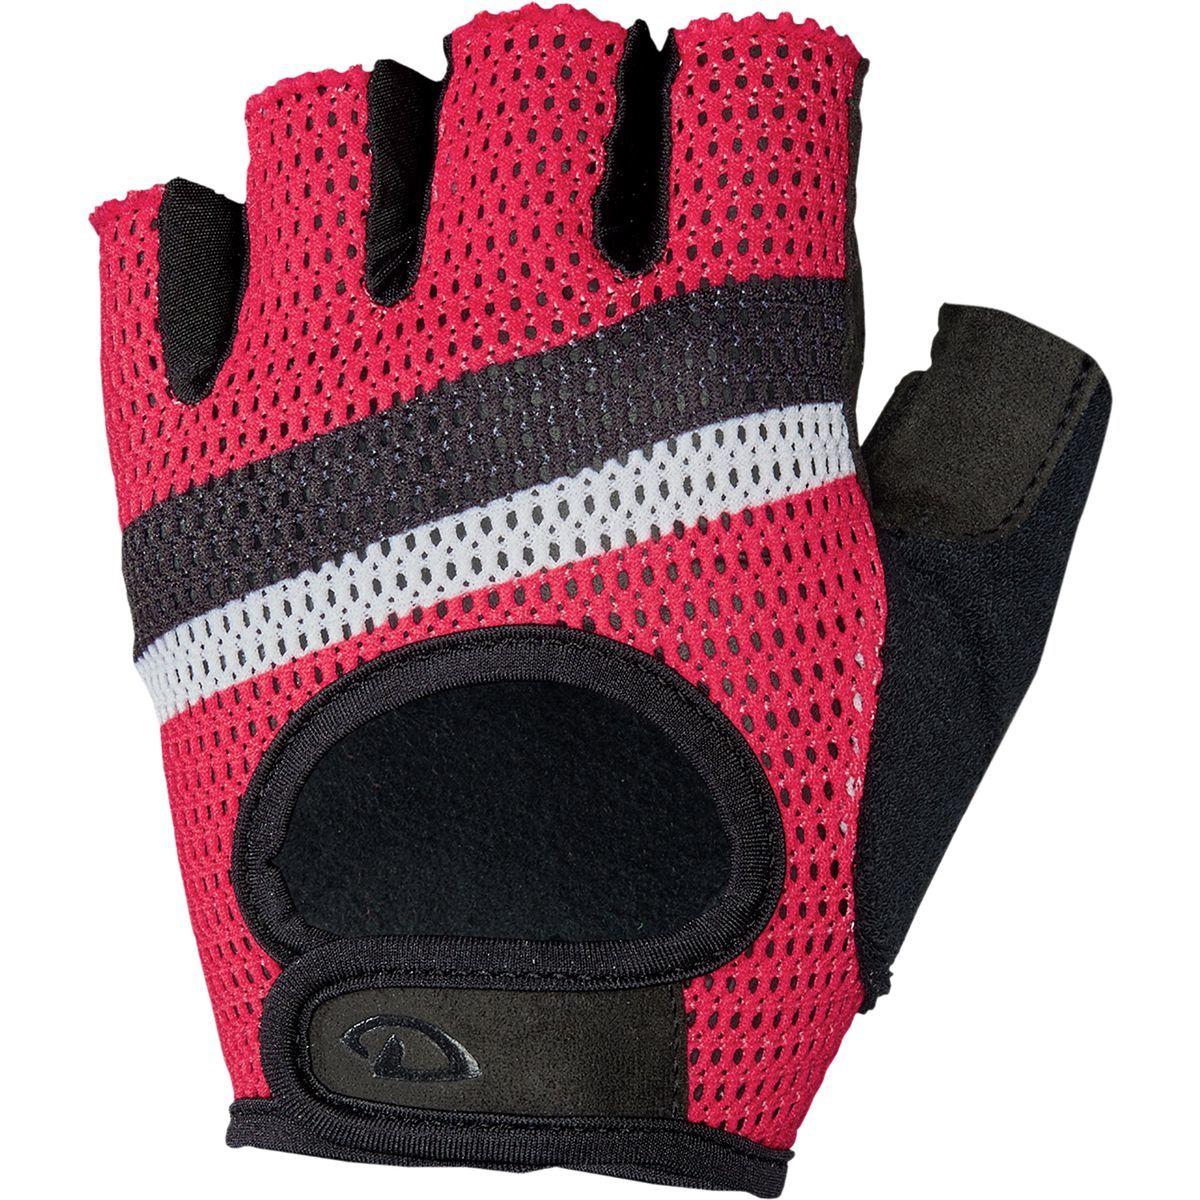 Giro Siv Glove - Men's